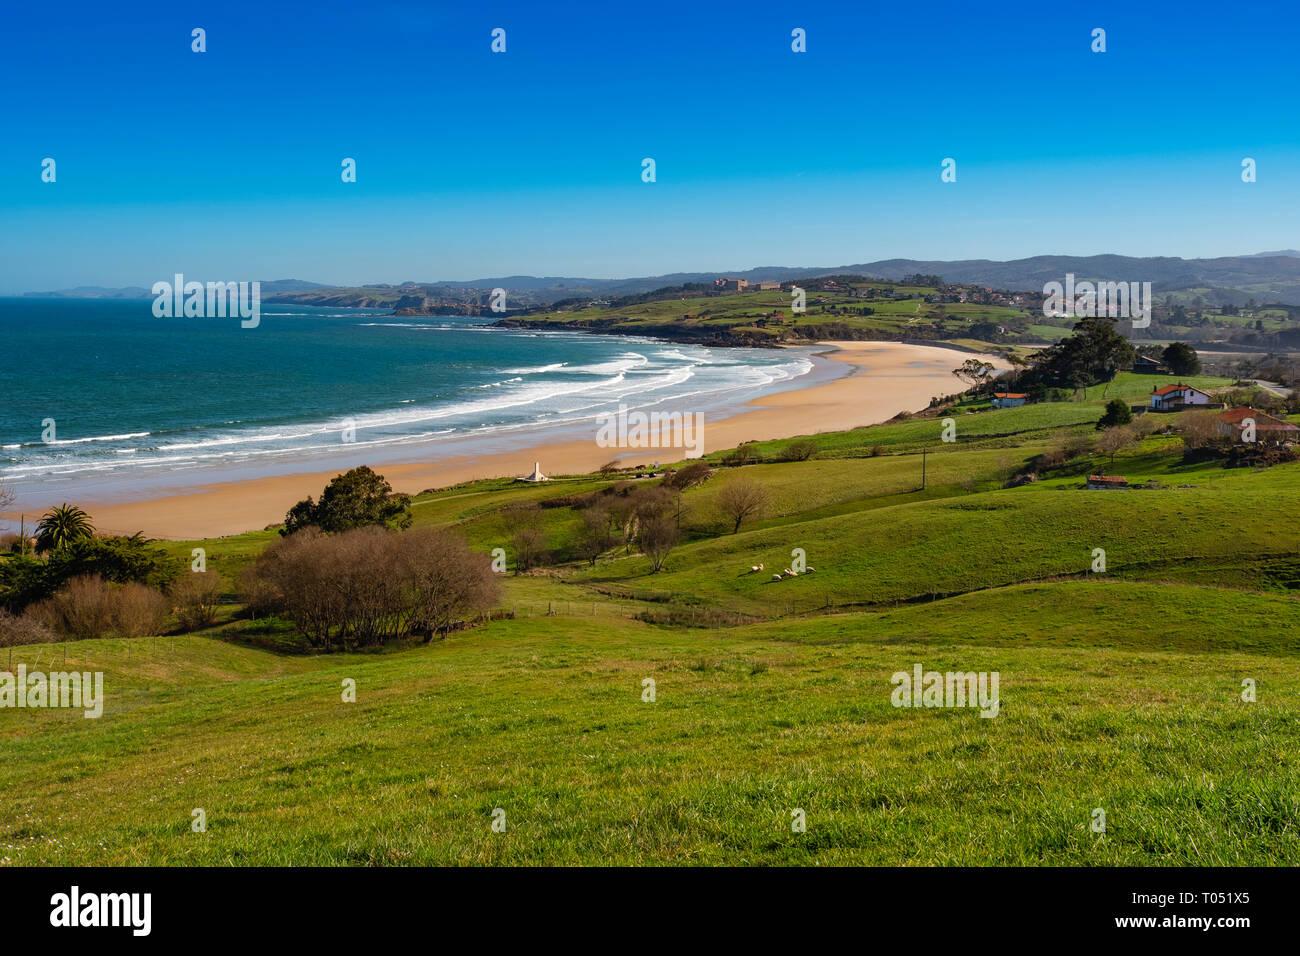 Prato di fresco verde erba. Oyambre beach, Comillas. Mare Cantabrico. Cantabria spagna. Europa Foto Stock